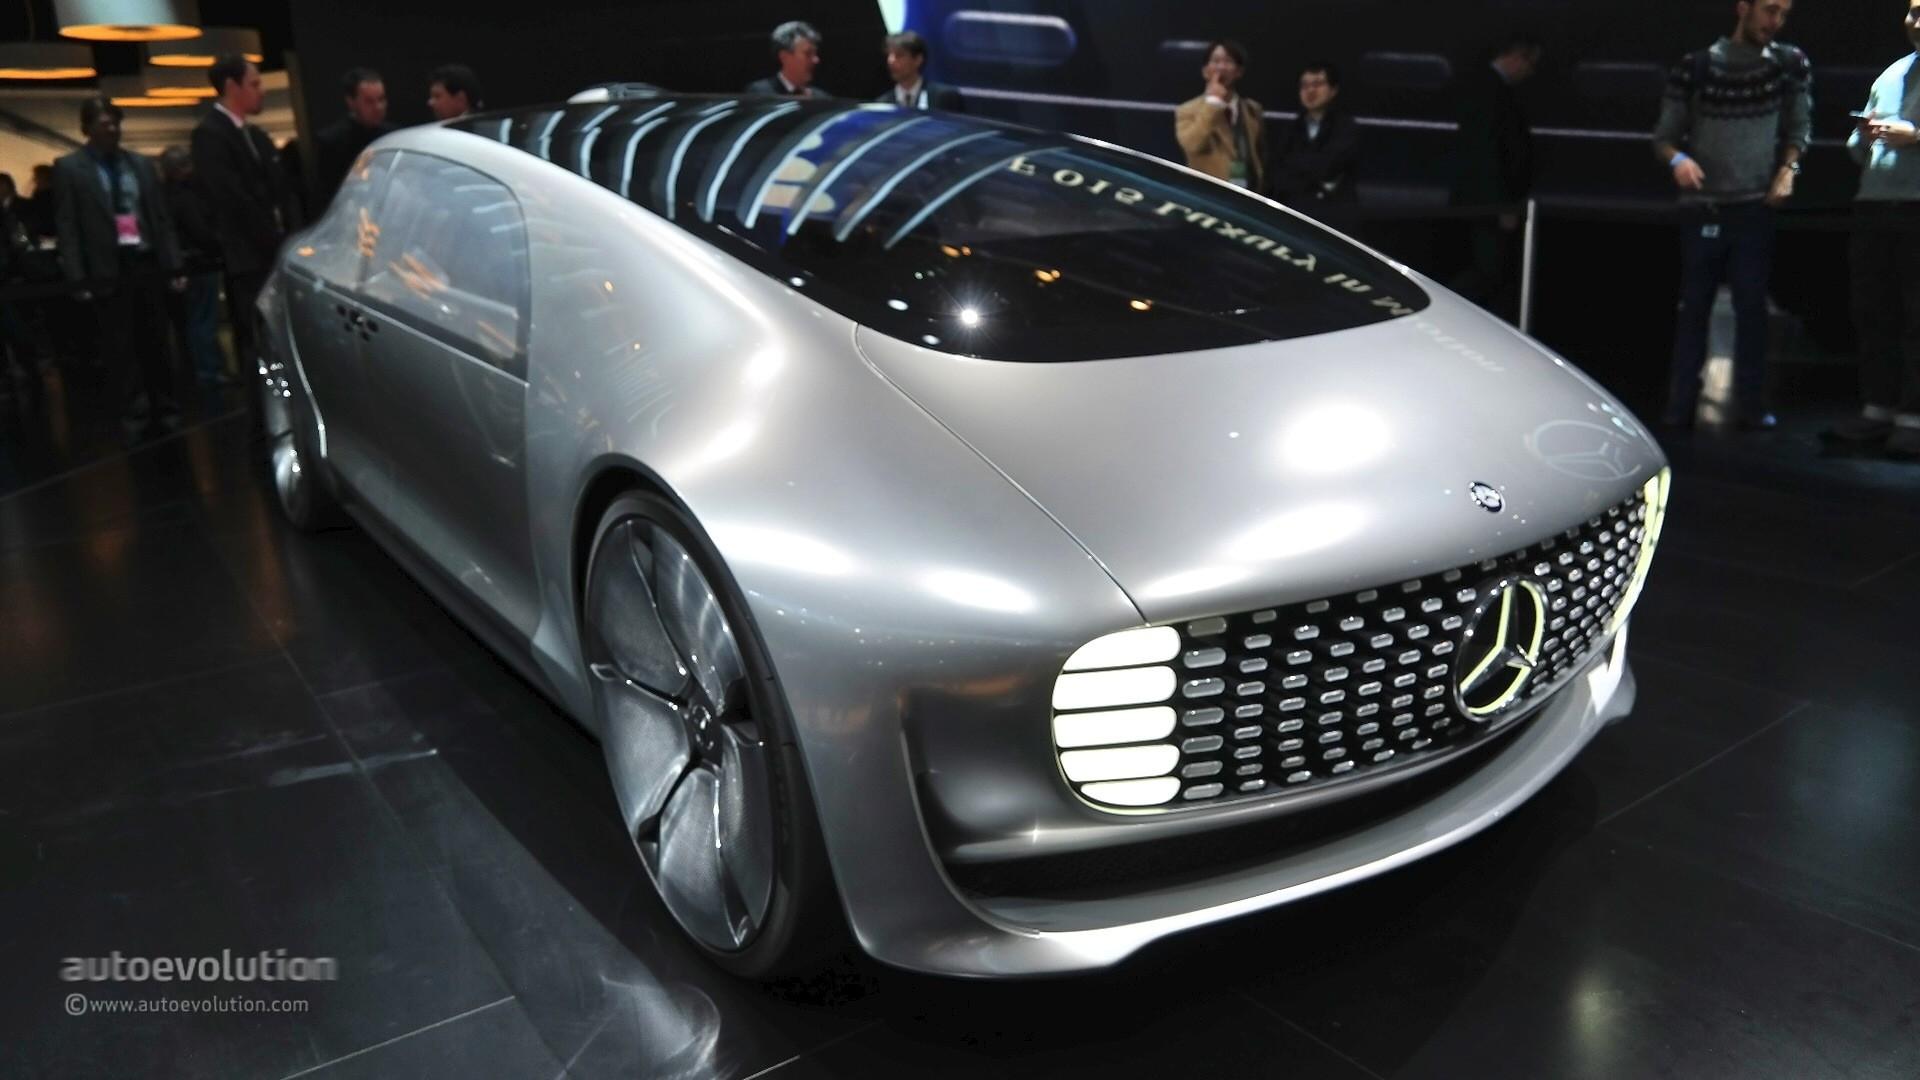 Car Live Wallpaper Download Mercedes Benz F 015 Concept Previews The Future At 2015